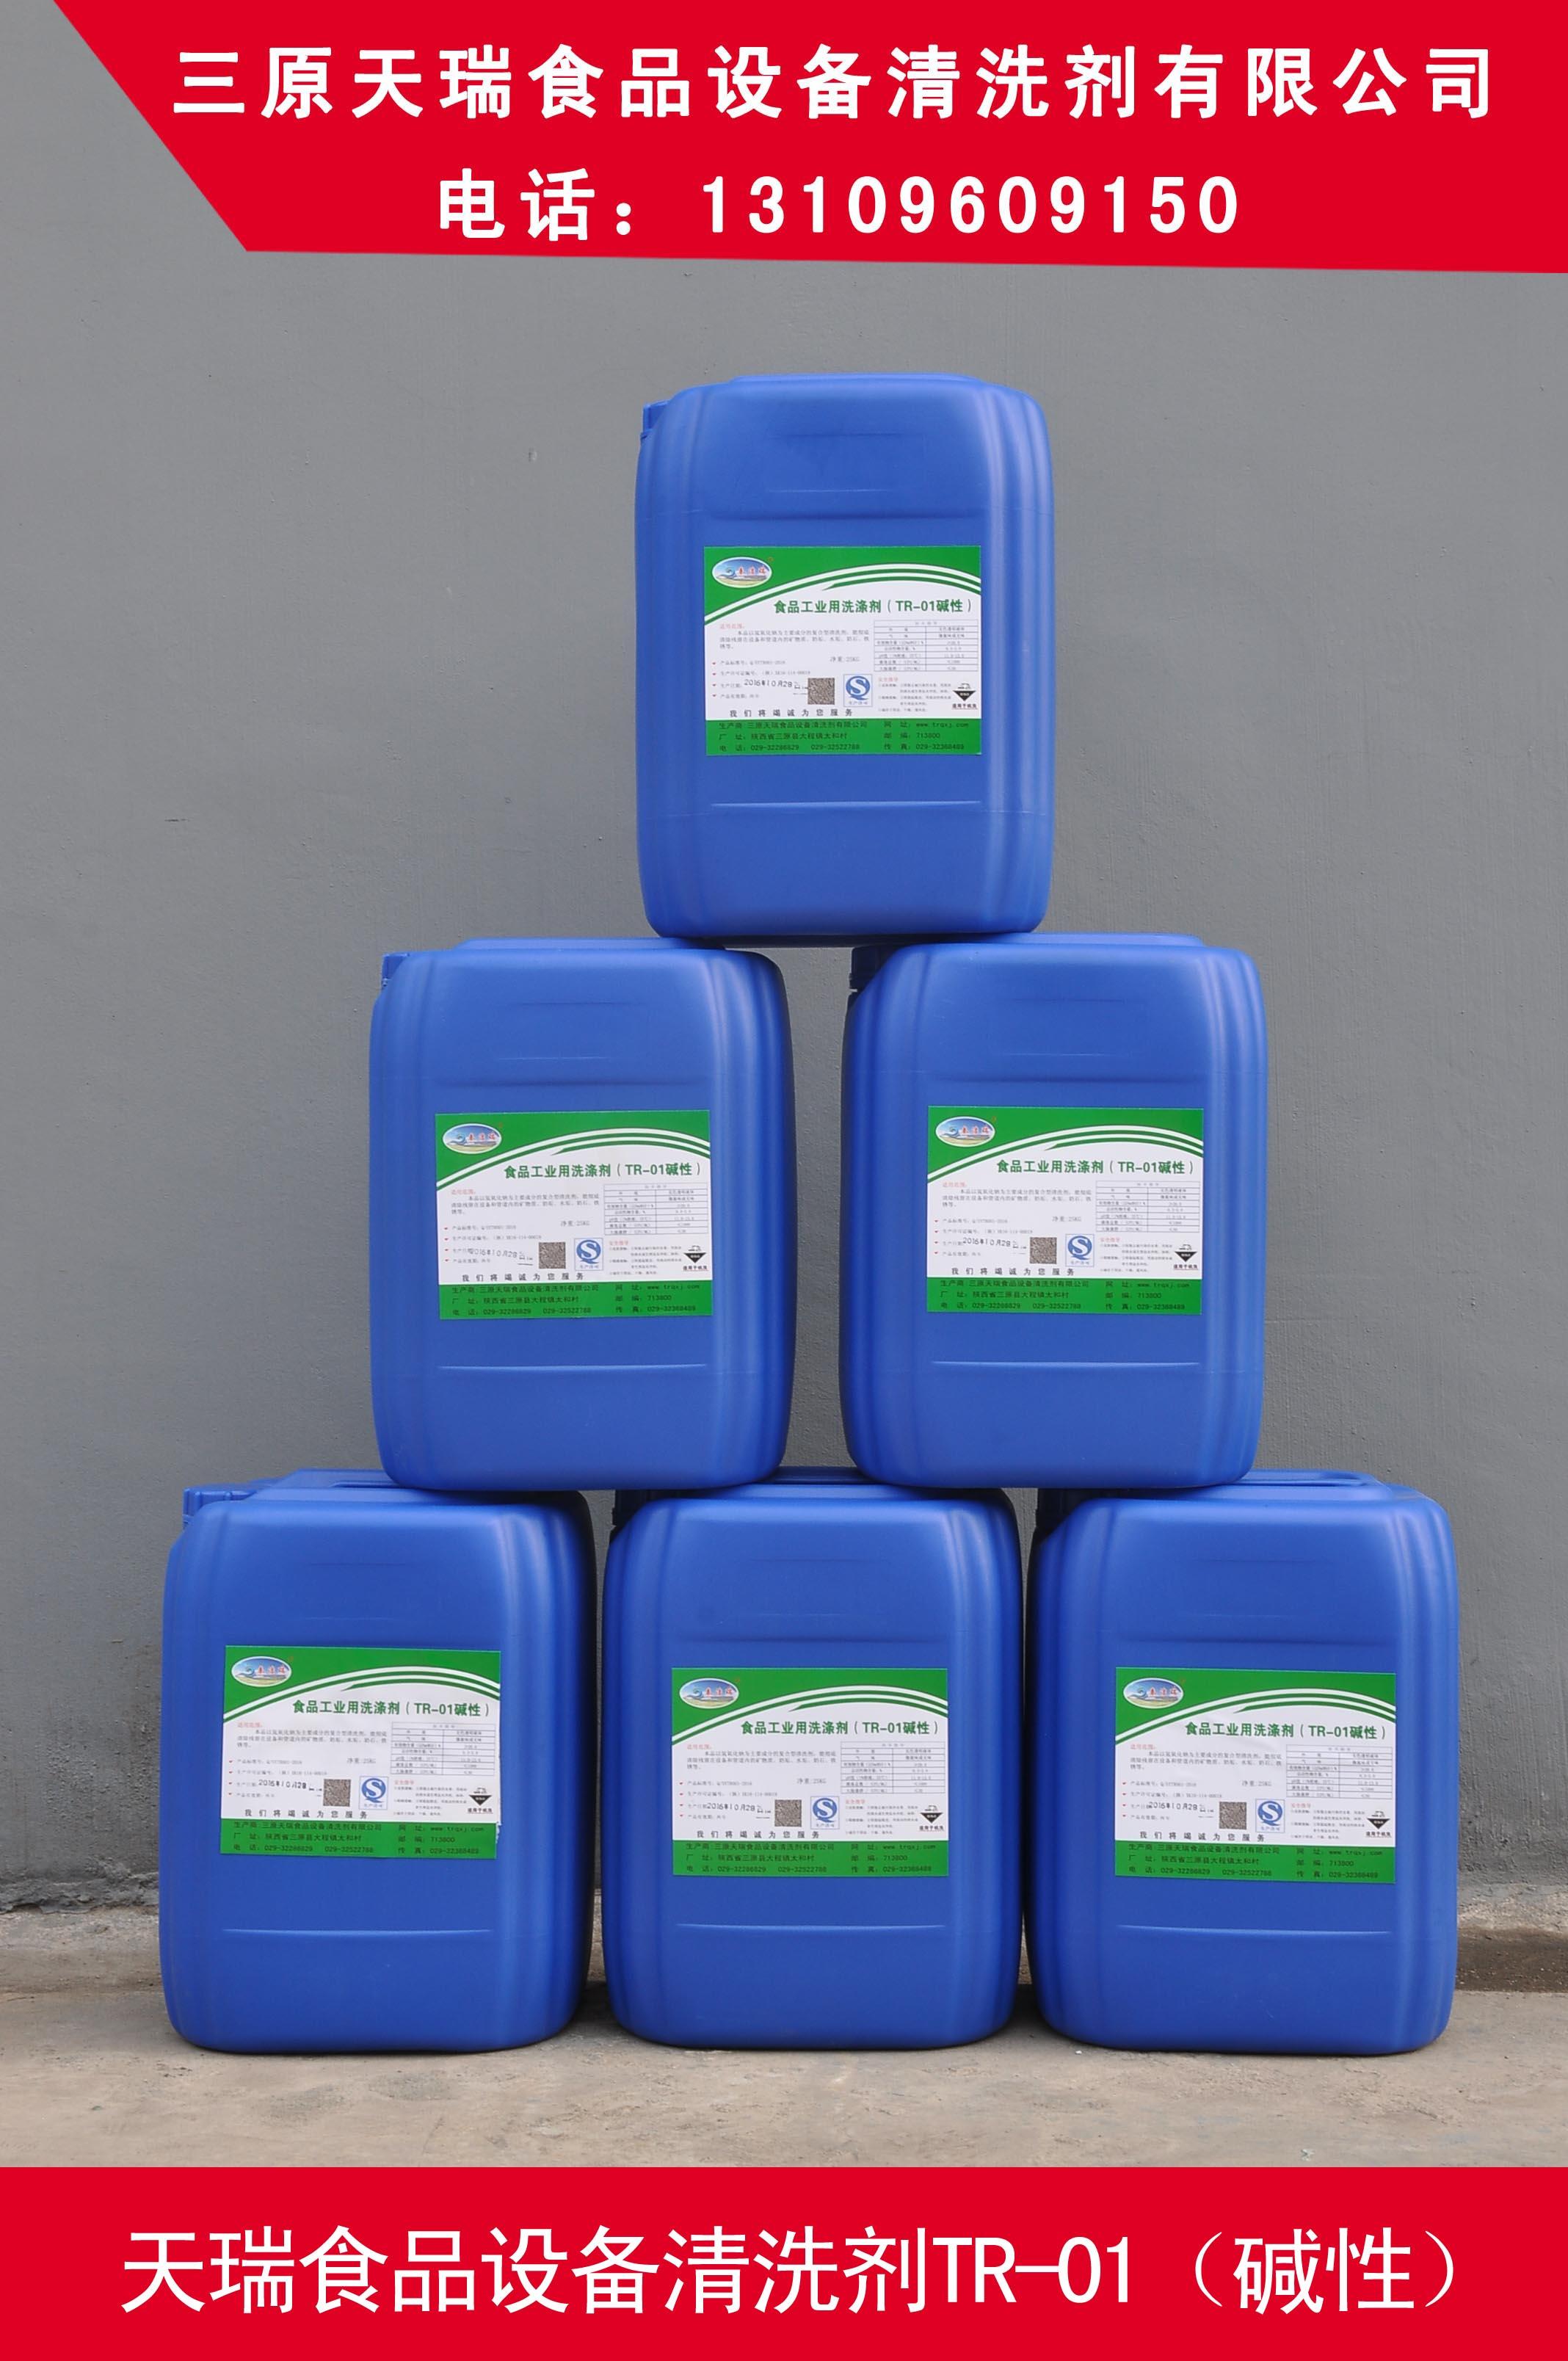 食品级氢氧化钠 食品级碱性清洗剂 CIP碱性清洗剂厂家 复合酸碱性清洗剂